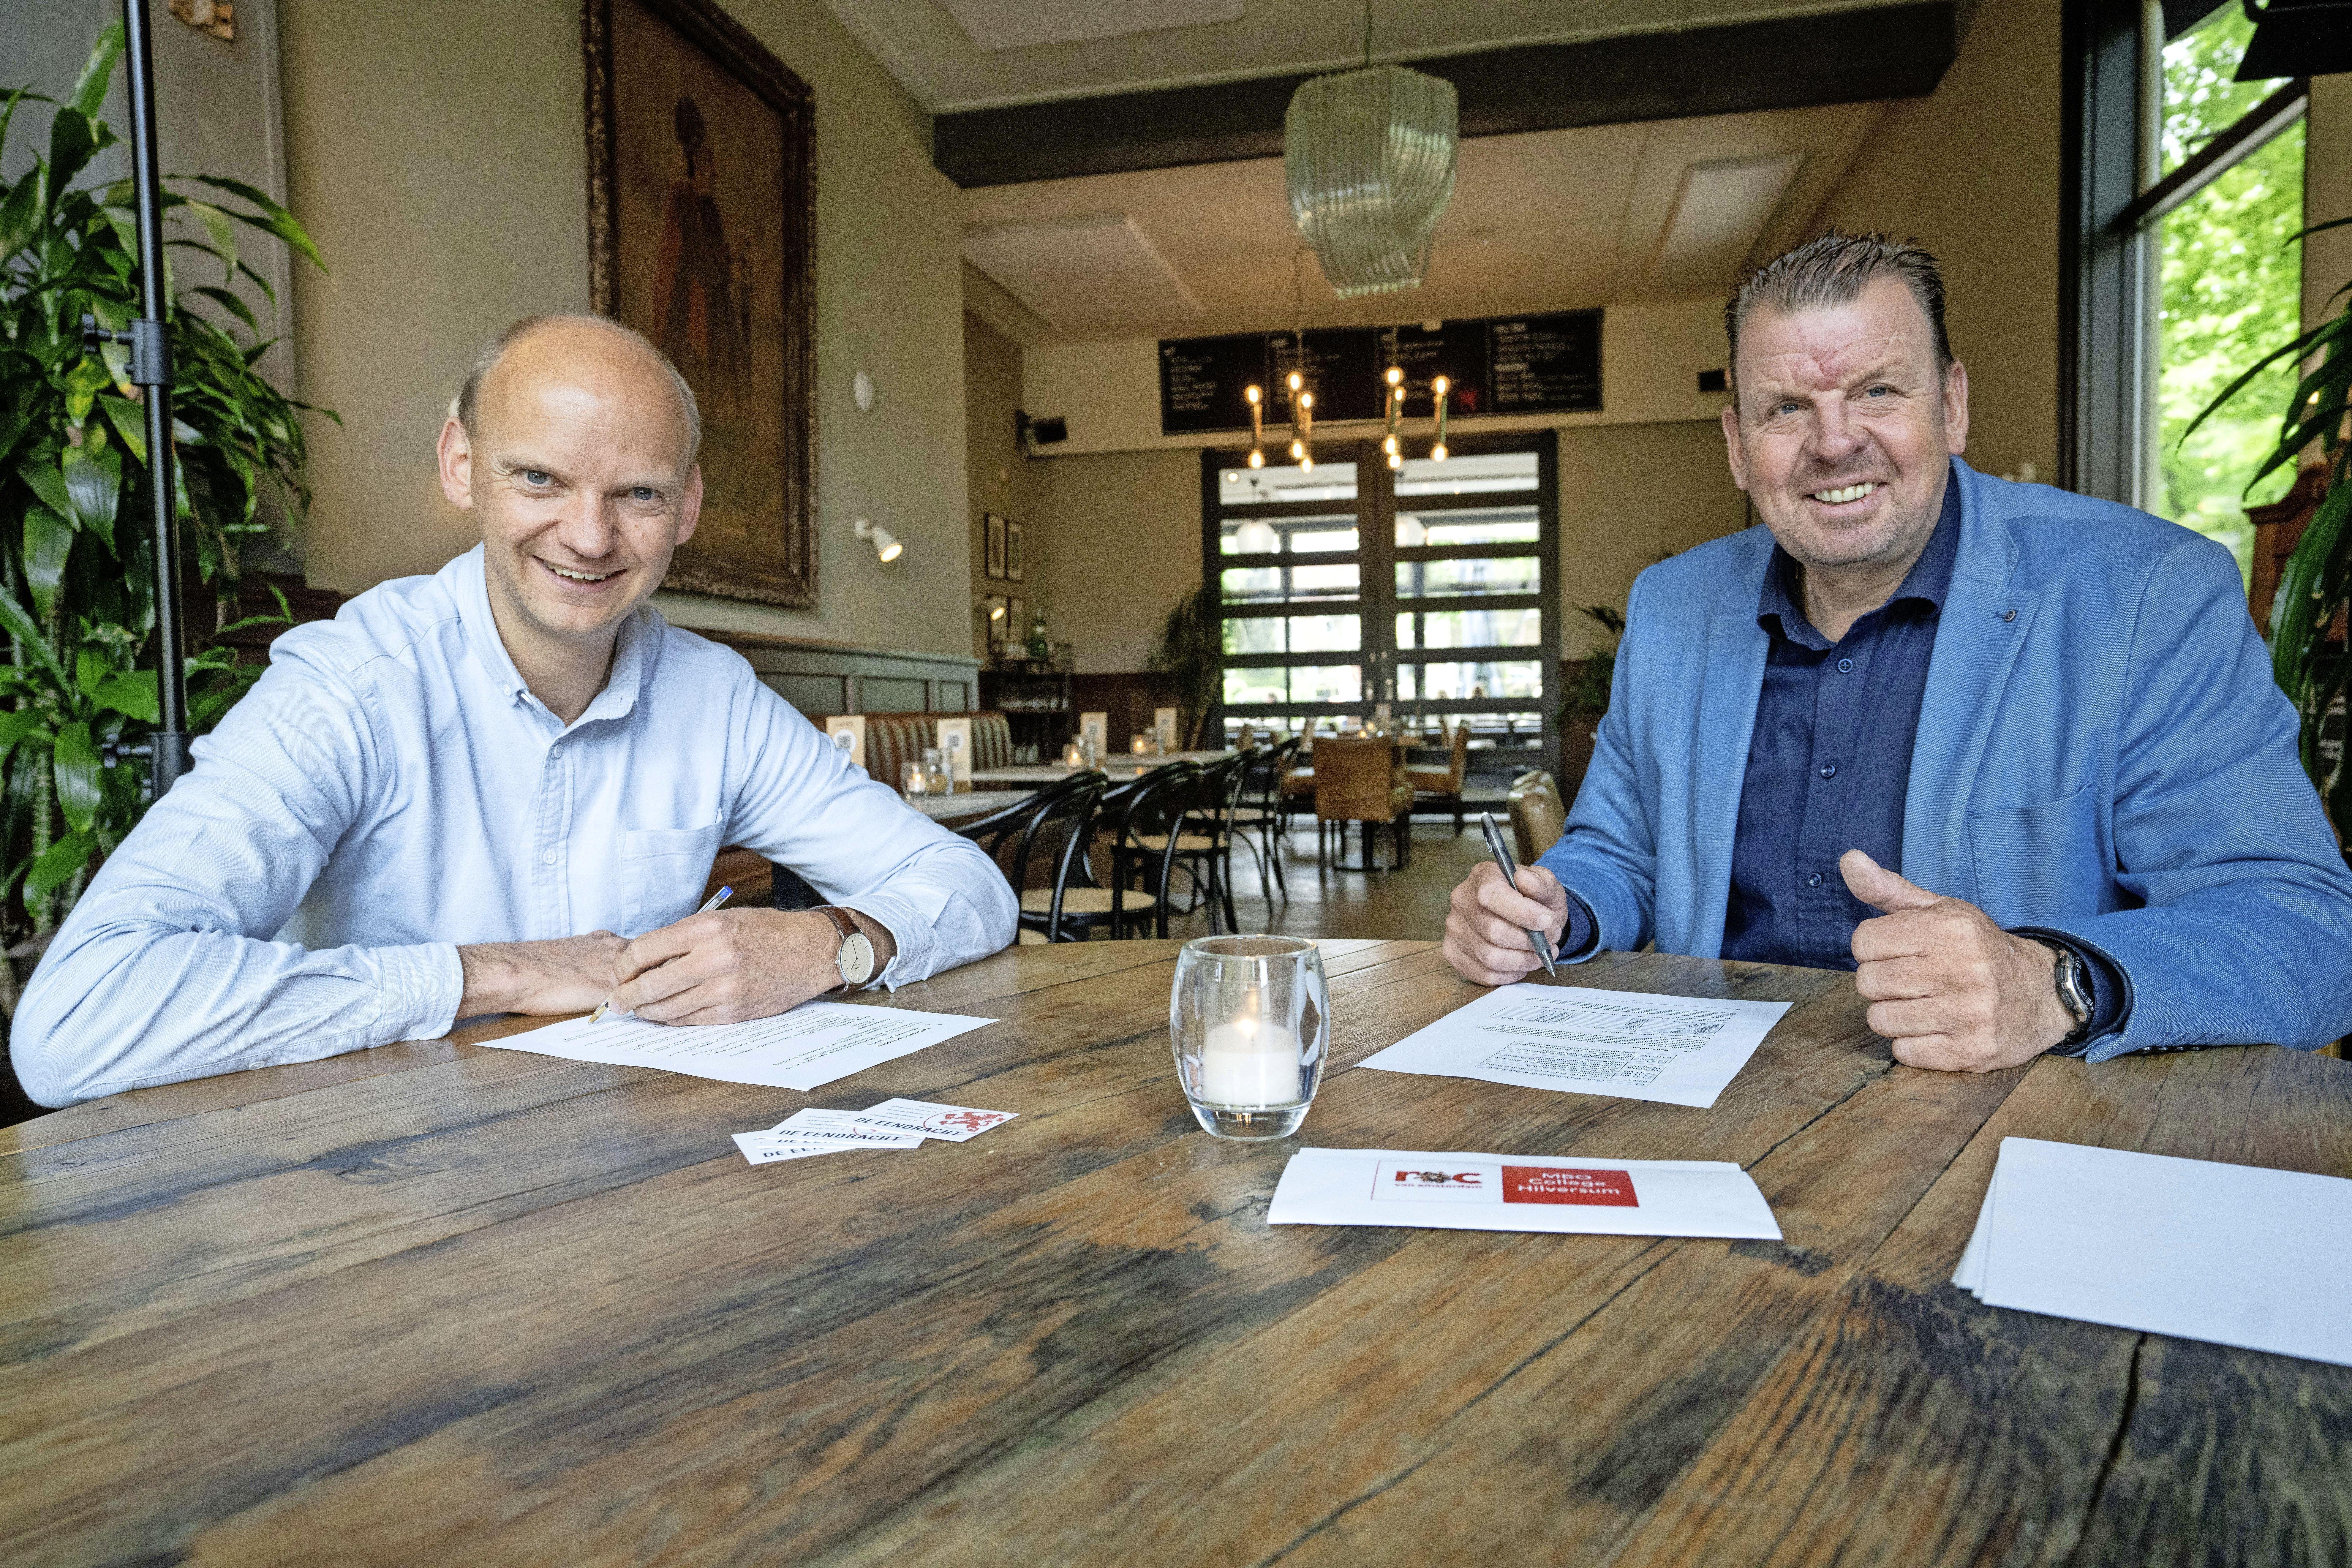 Niet meer naar school maar leren 'on the job'; MBO College Hilversum en restaurants De Eendracht starten nieuwe horeca-opleiding